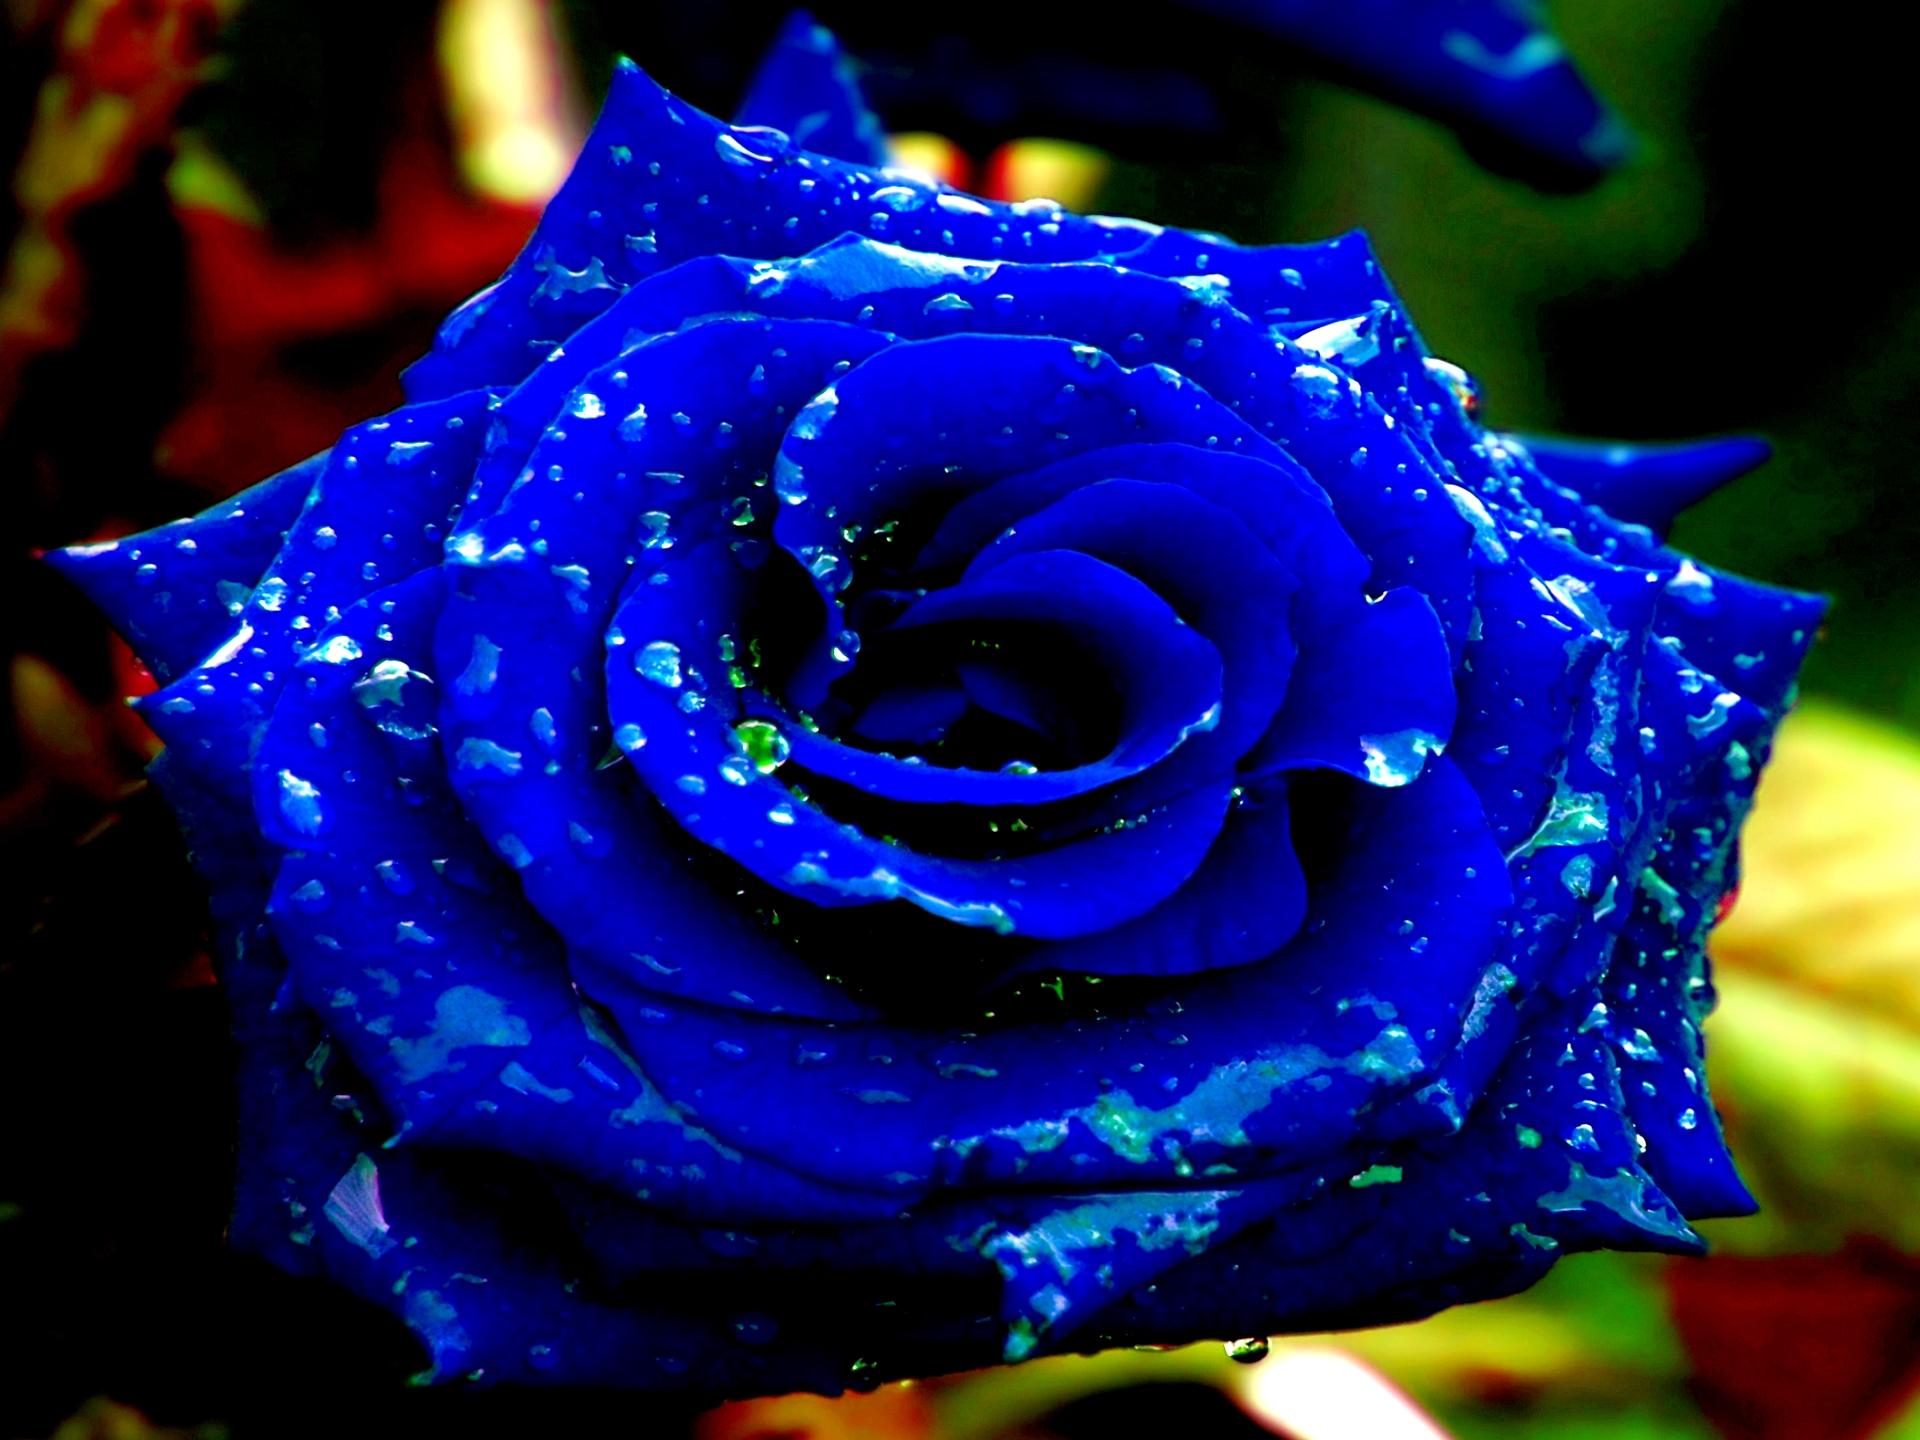 48 Blue Rose Wallpaper Hd On Wallpapersafari